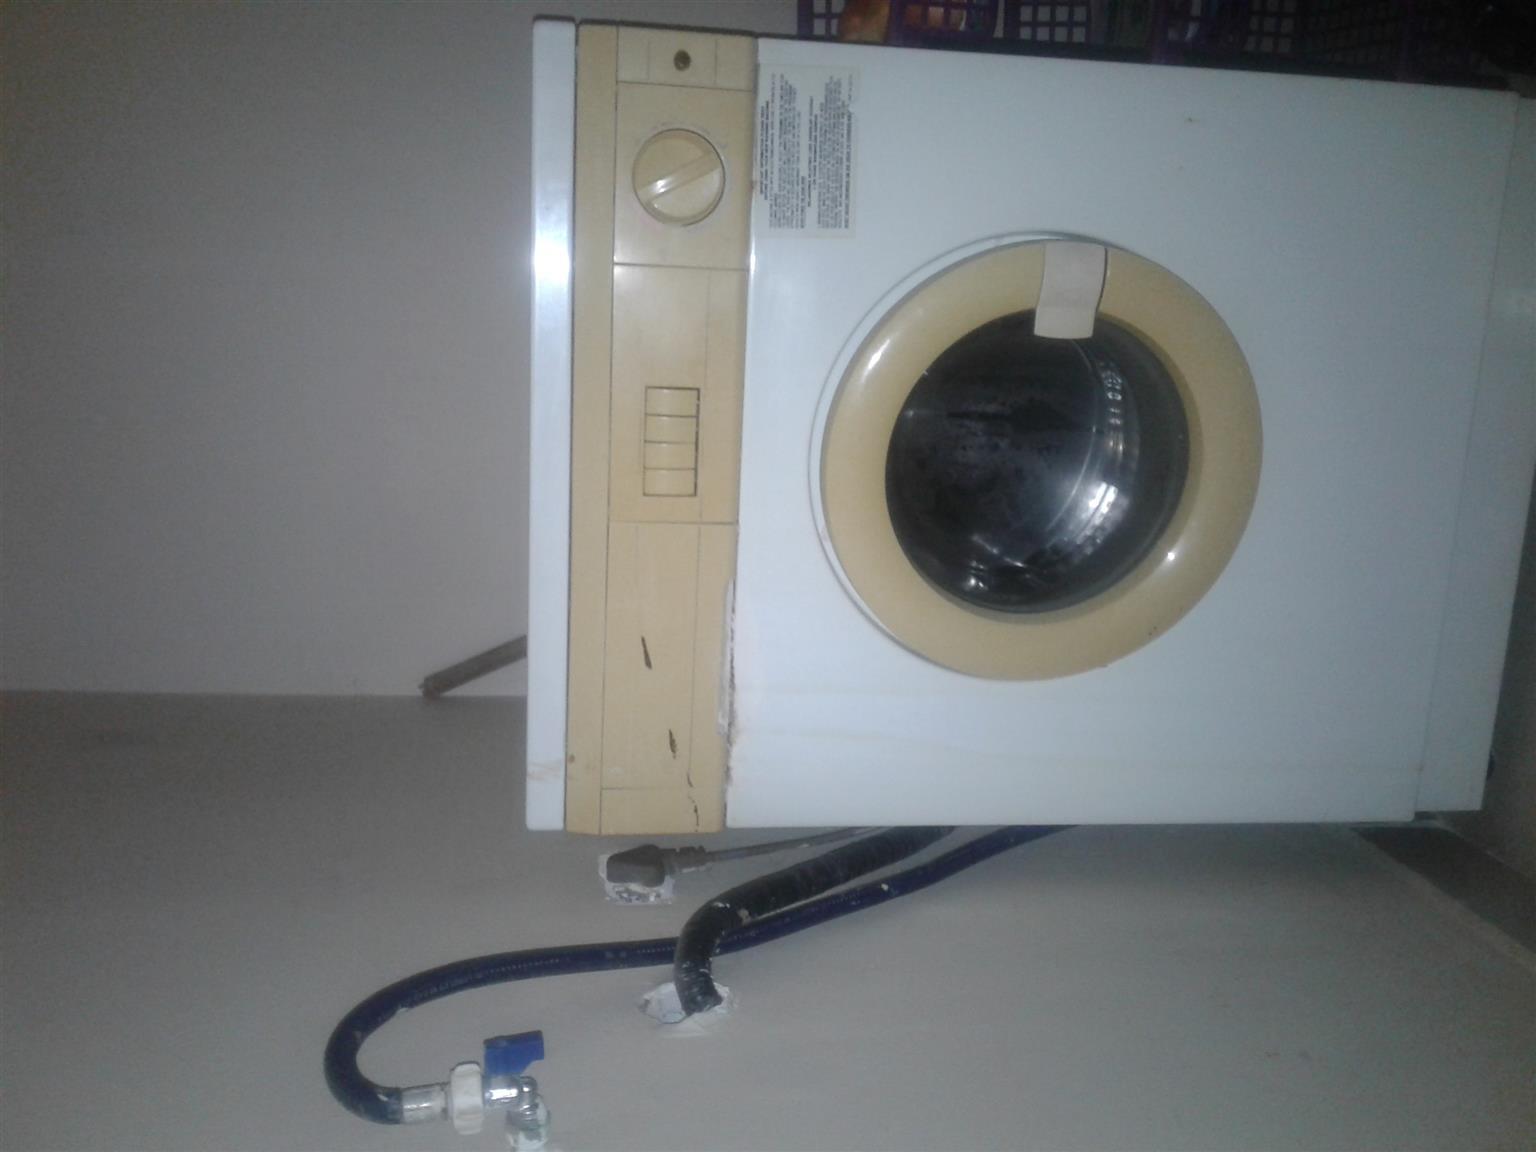 Defy washing machine working condition